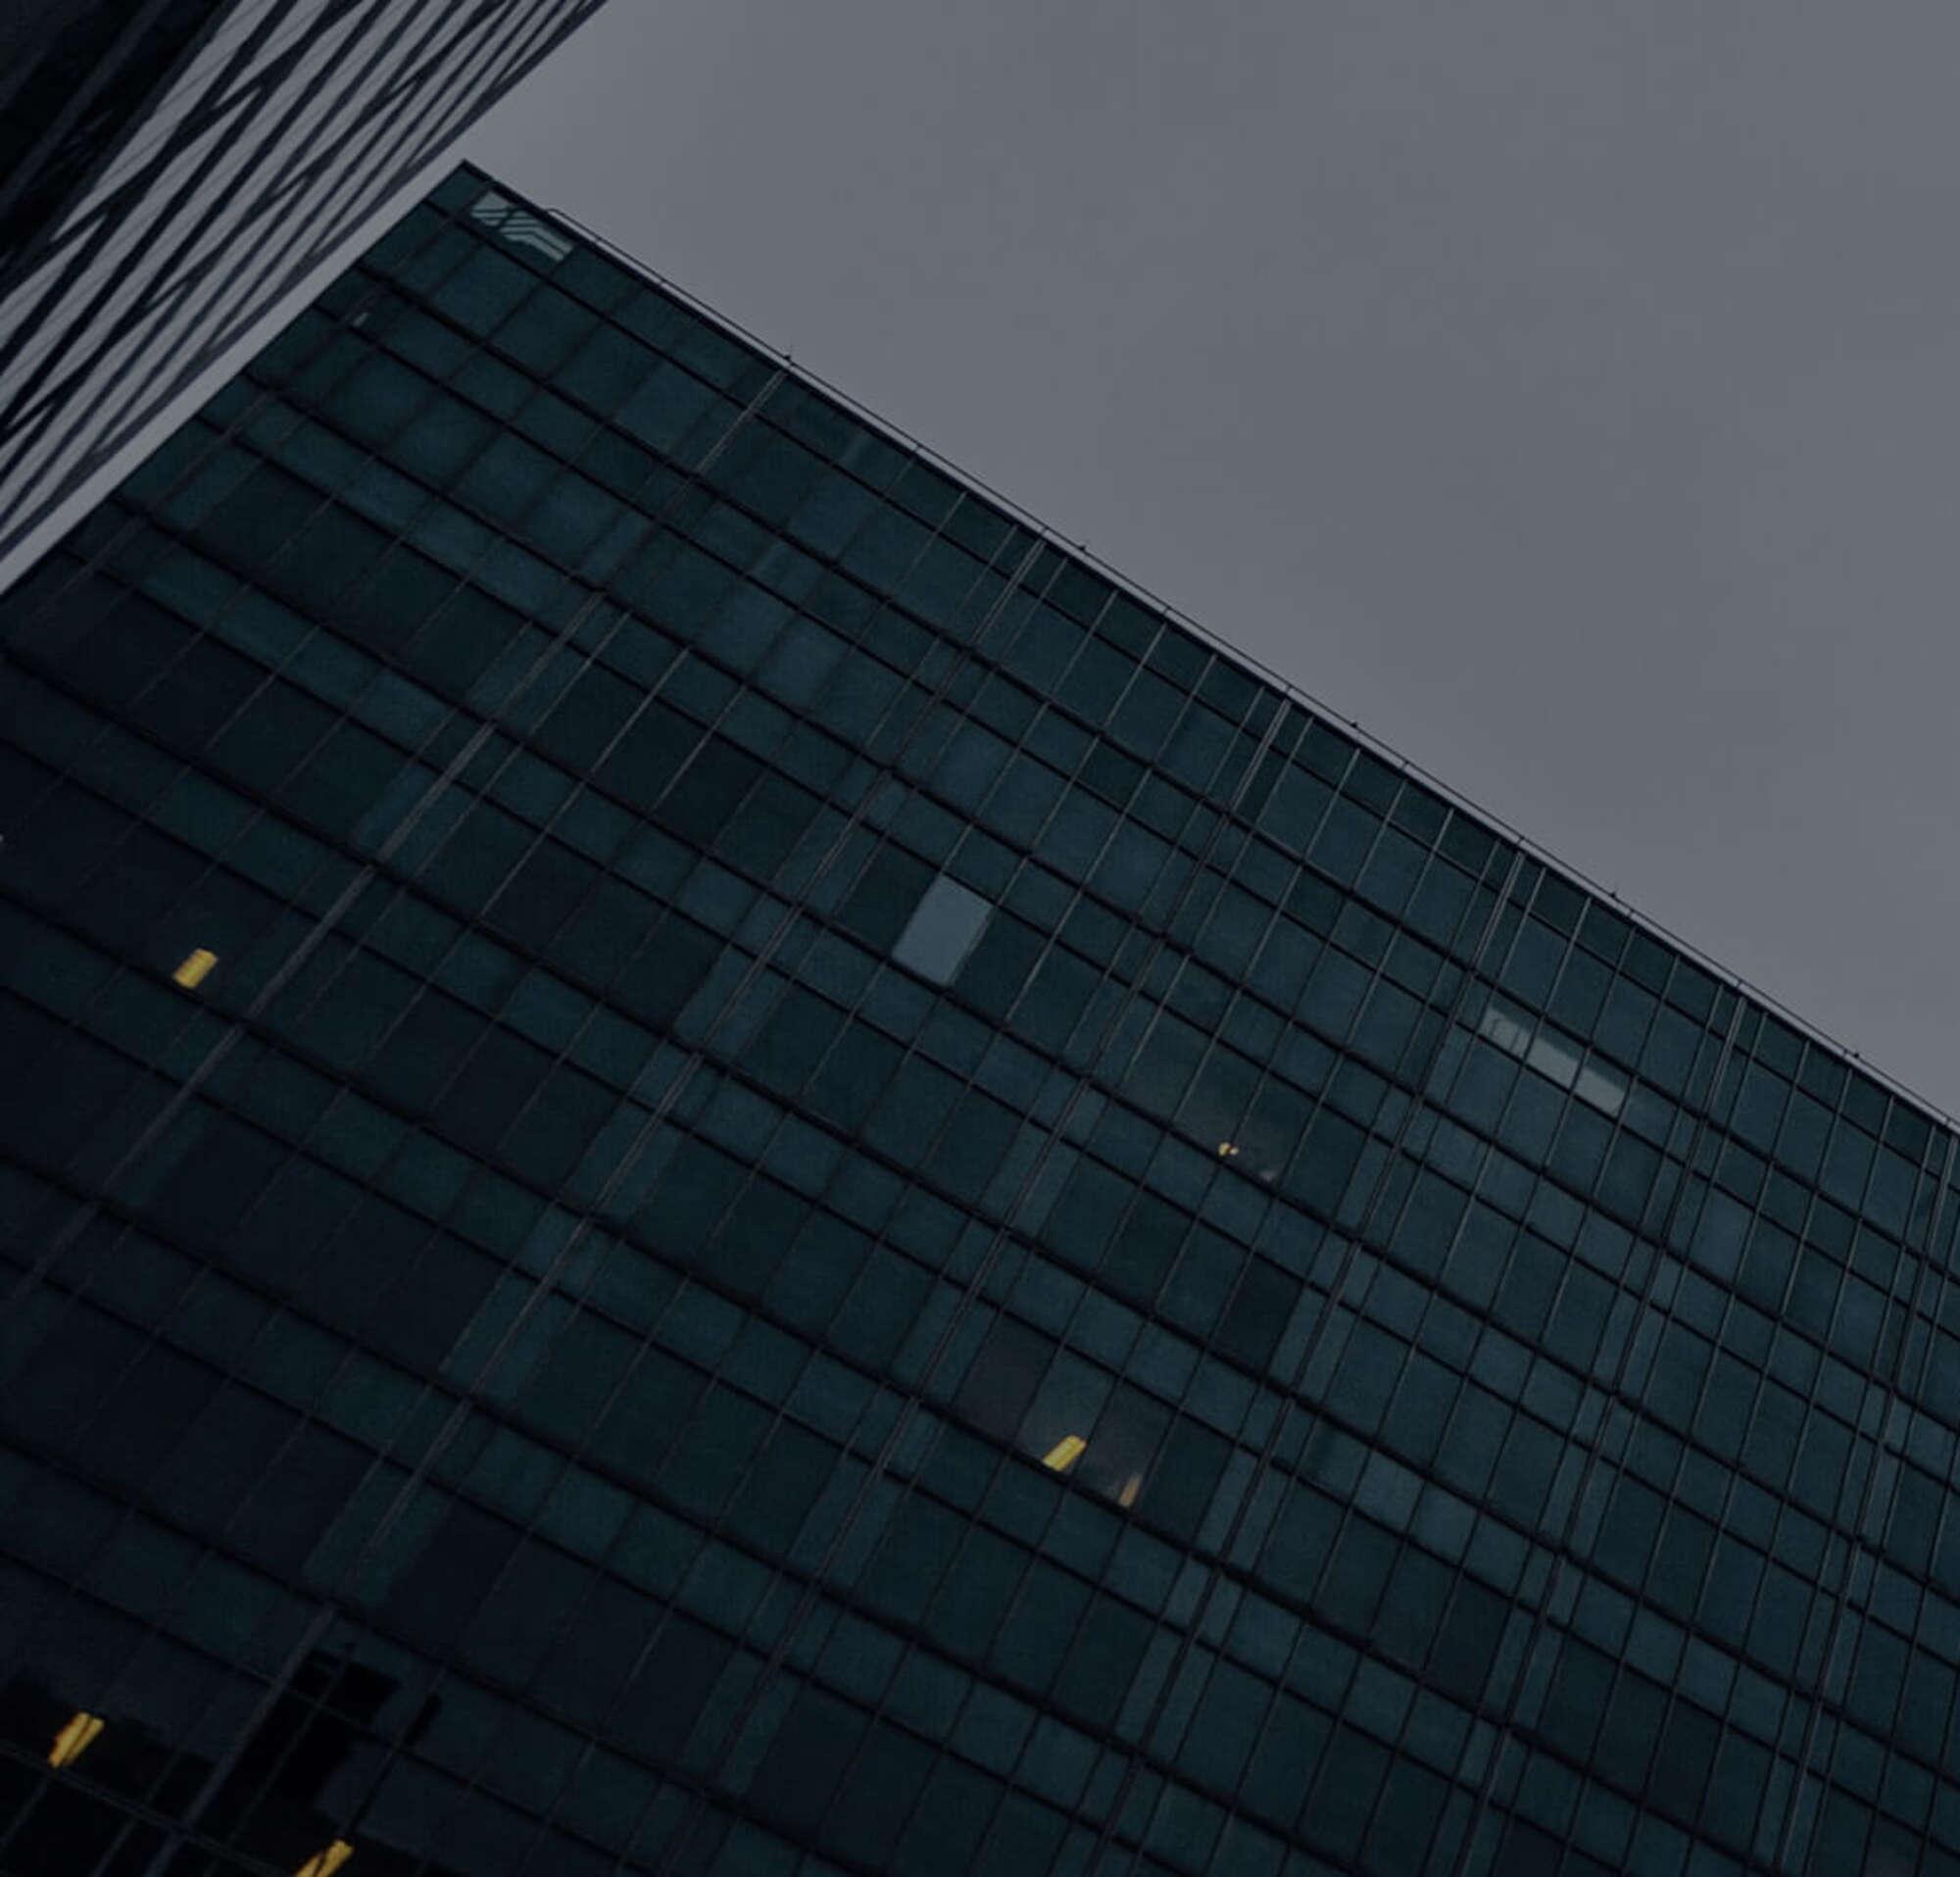 Edifício comercial arranha-céu, representando as localizações de clientes do departamento jurídico da DocuSign.